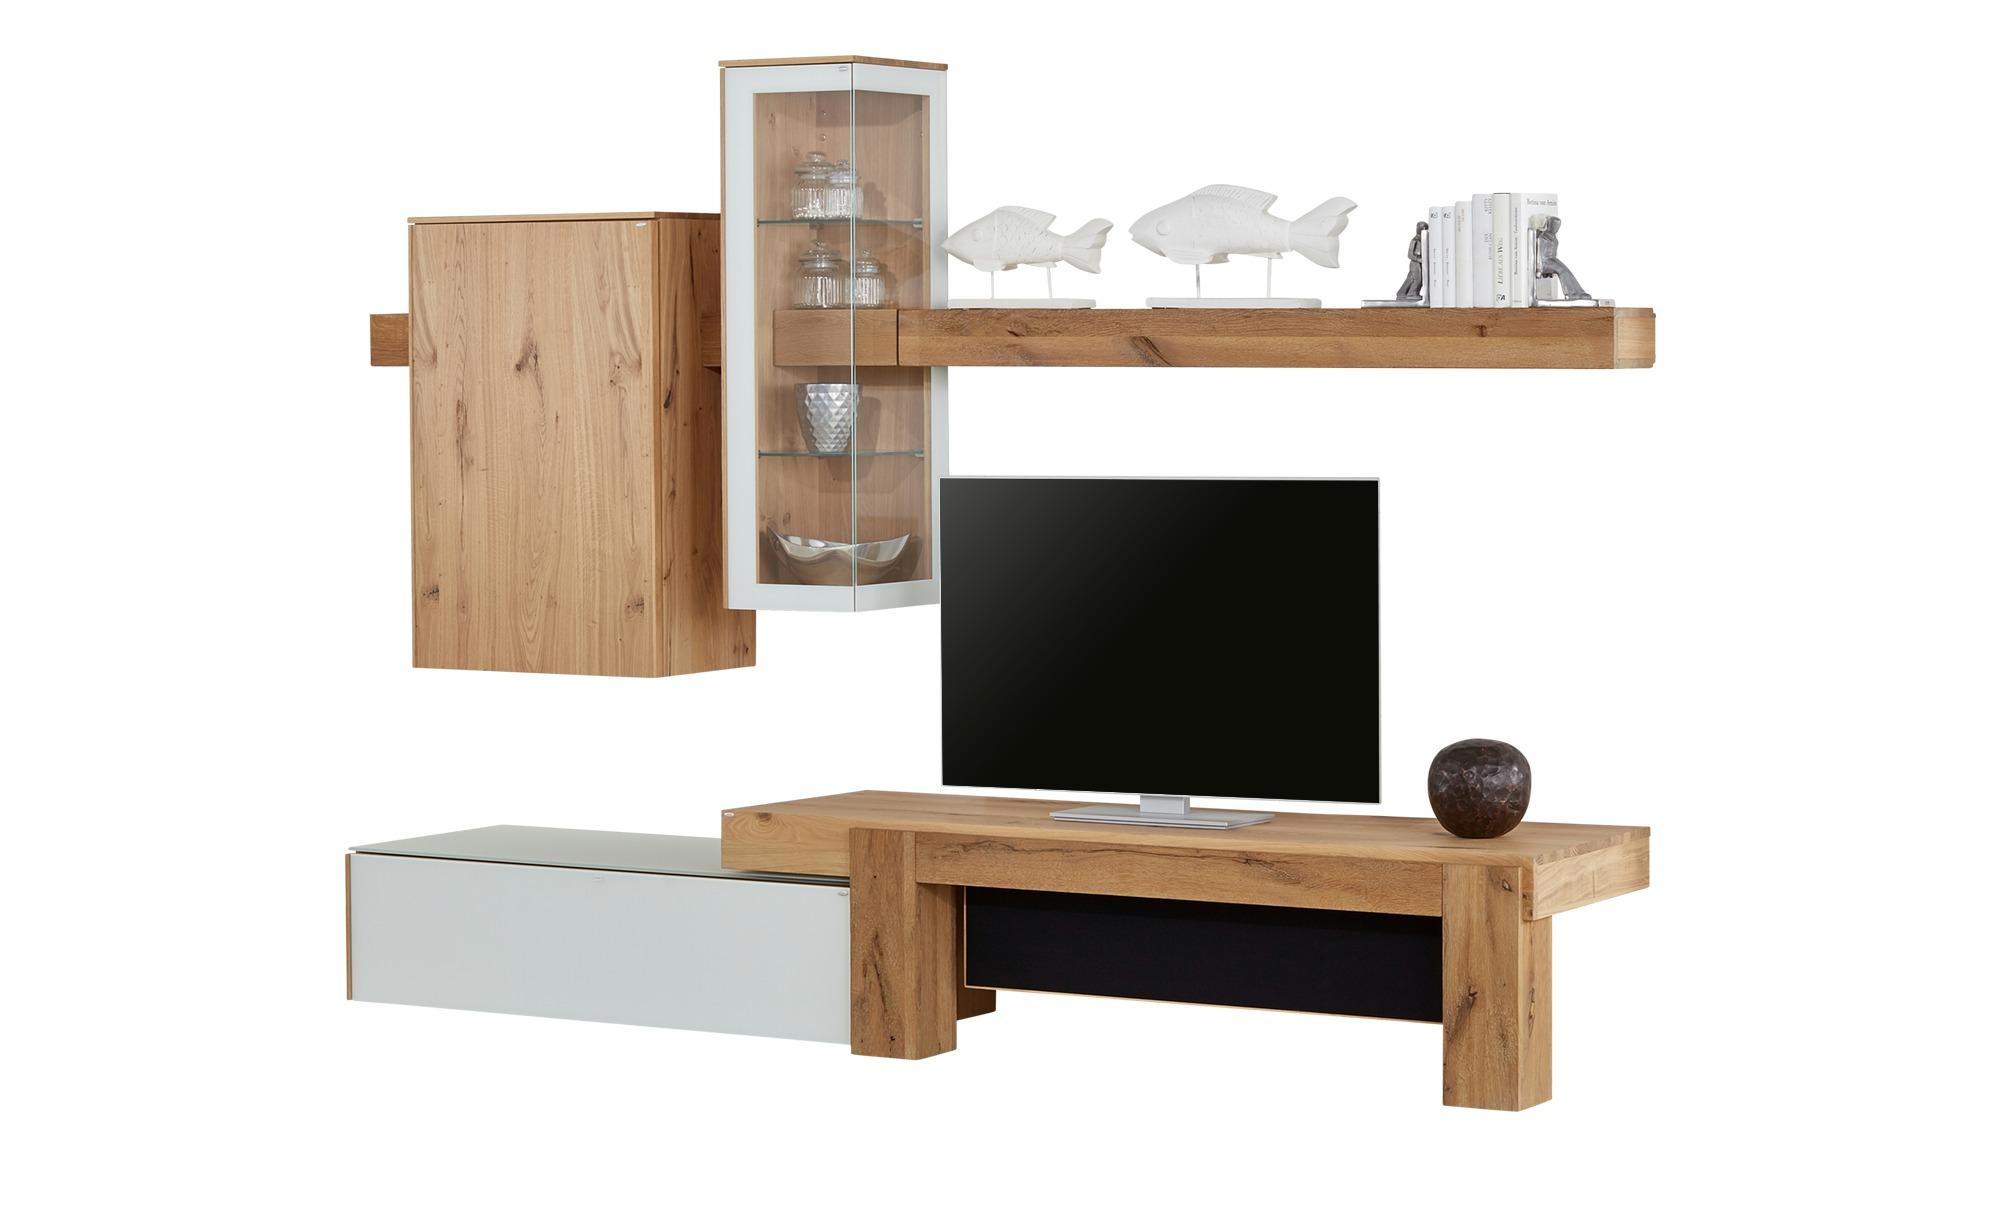 Holzwerkstoff Furniert Glas Wohnwande Online Kaufen Mobel